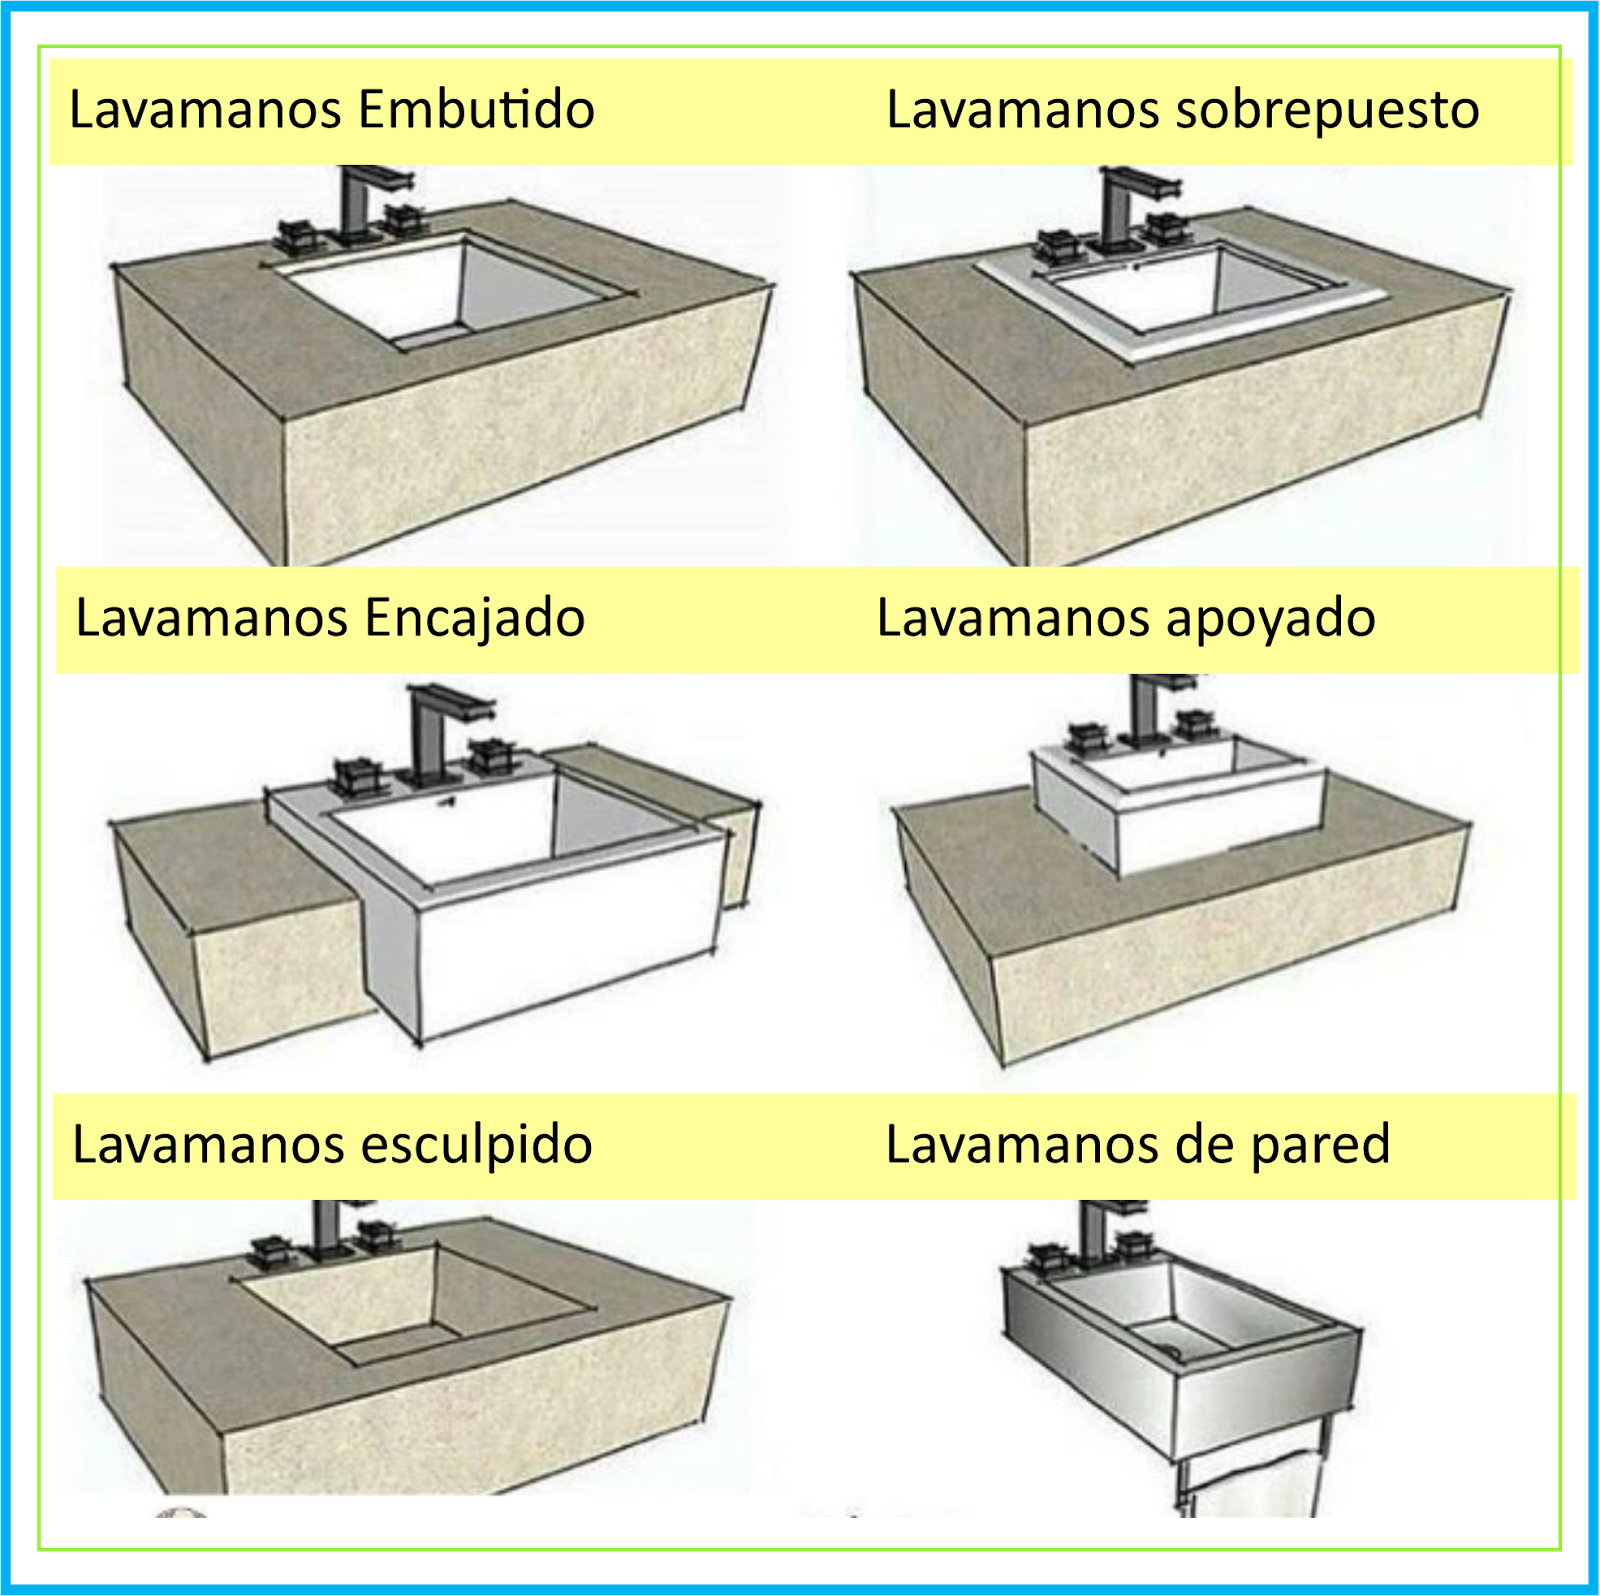 101 planos de casas dise os de lavamanos para el cuarto - Lavamanos de diseno ...